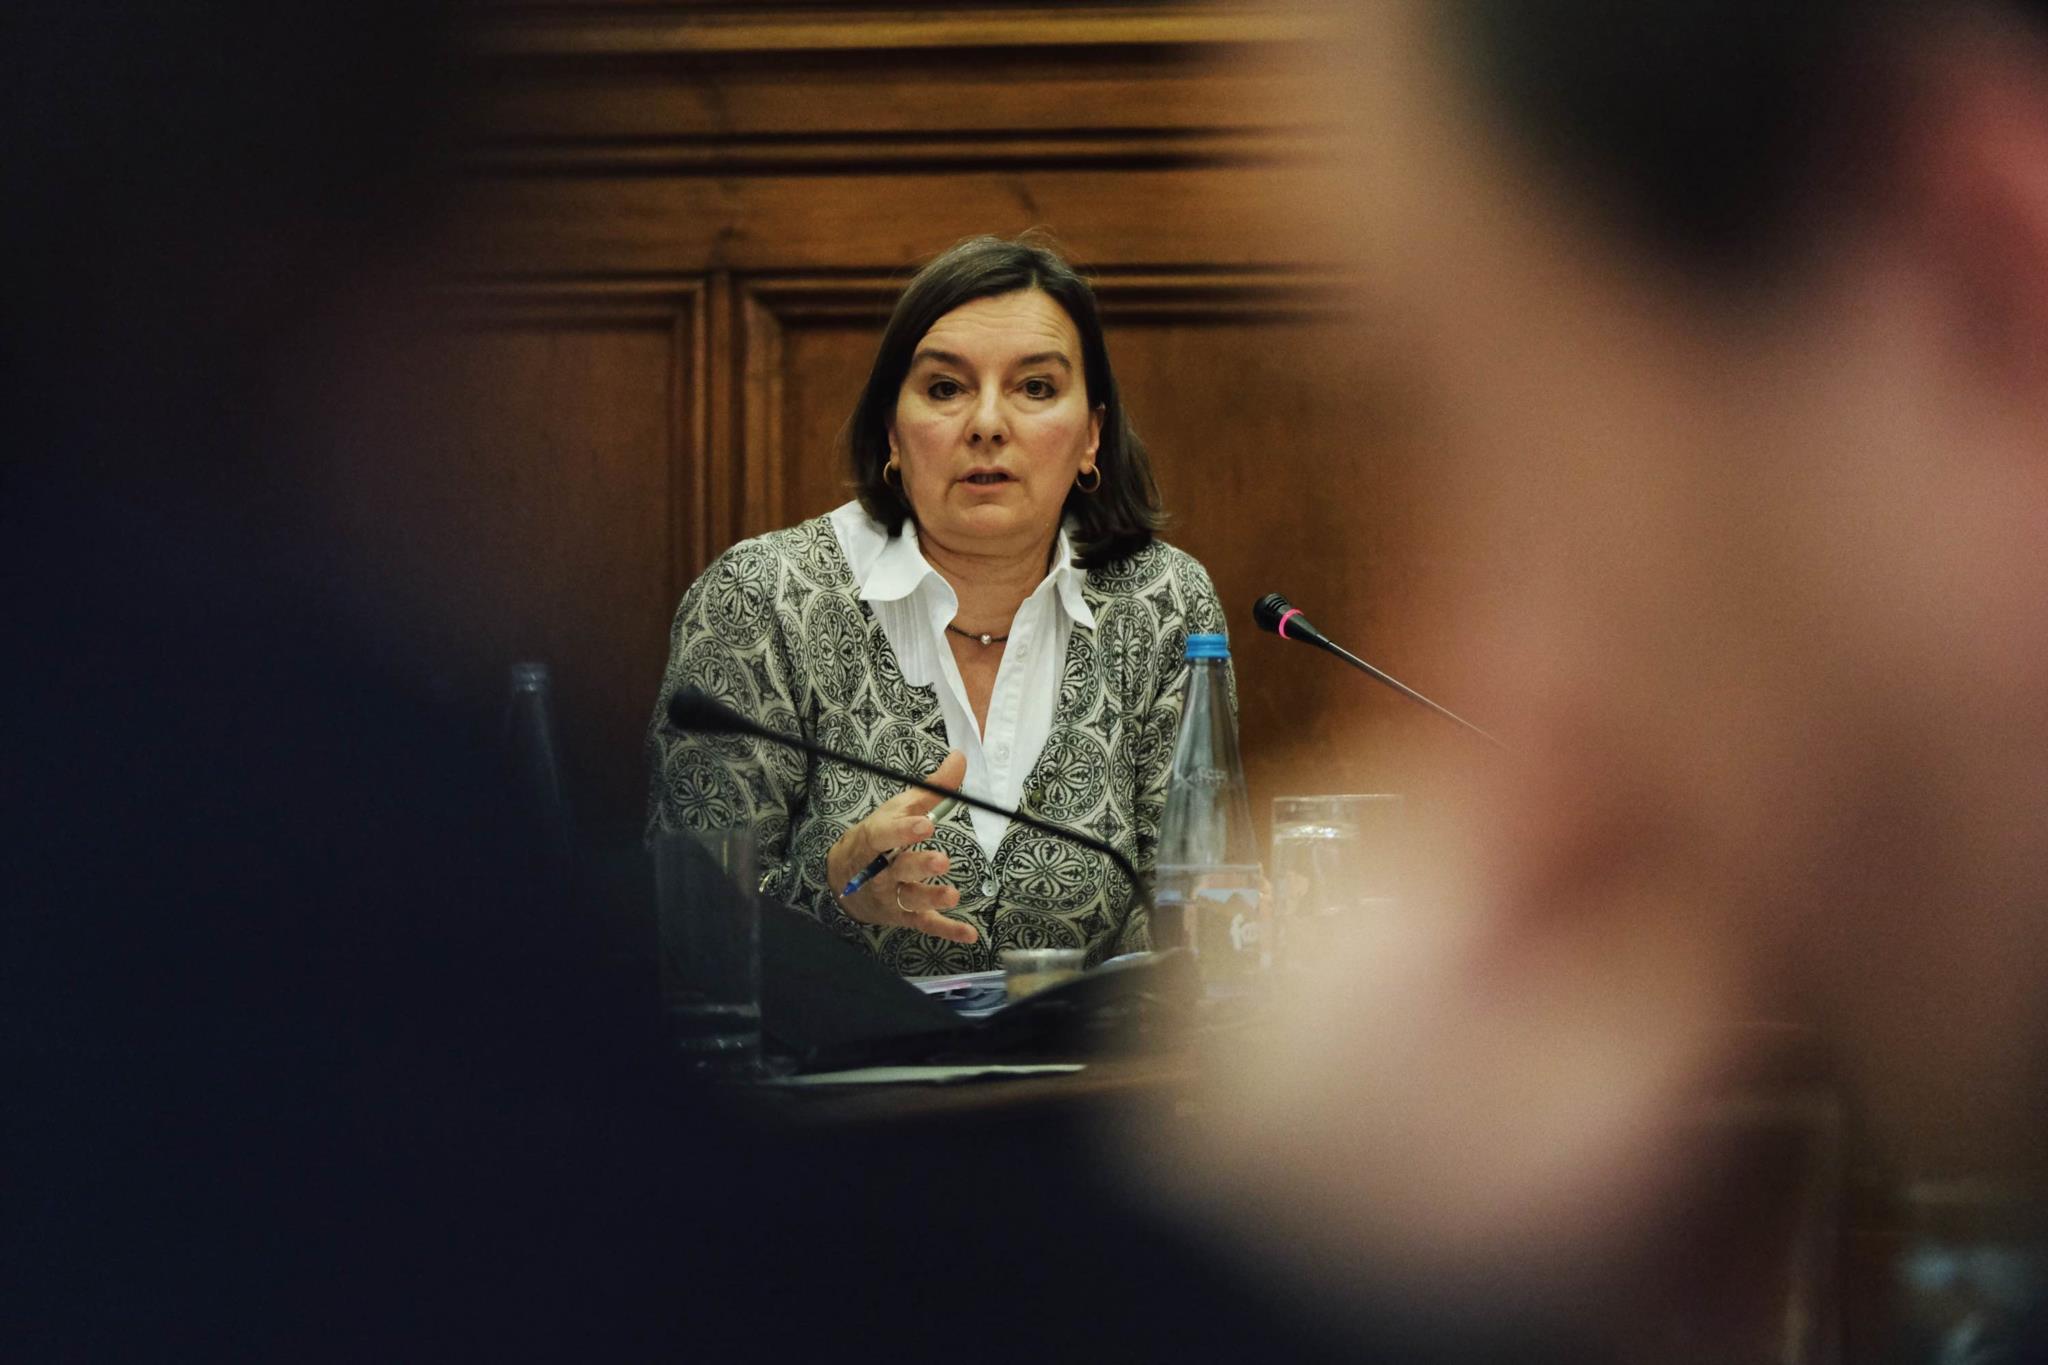 PÚBLICO - Há funcionários que podem subir dois escalões na tabela salarial